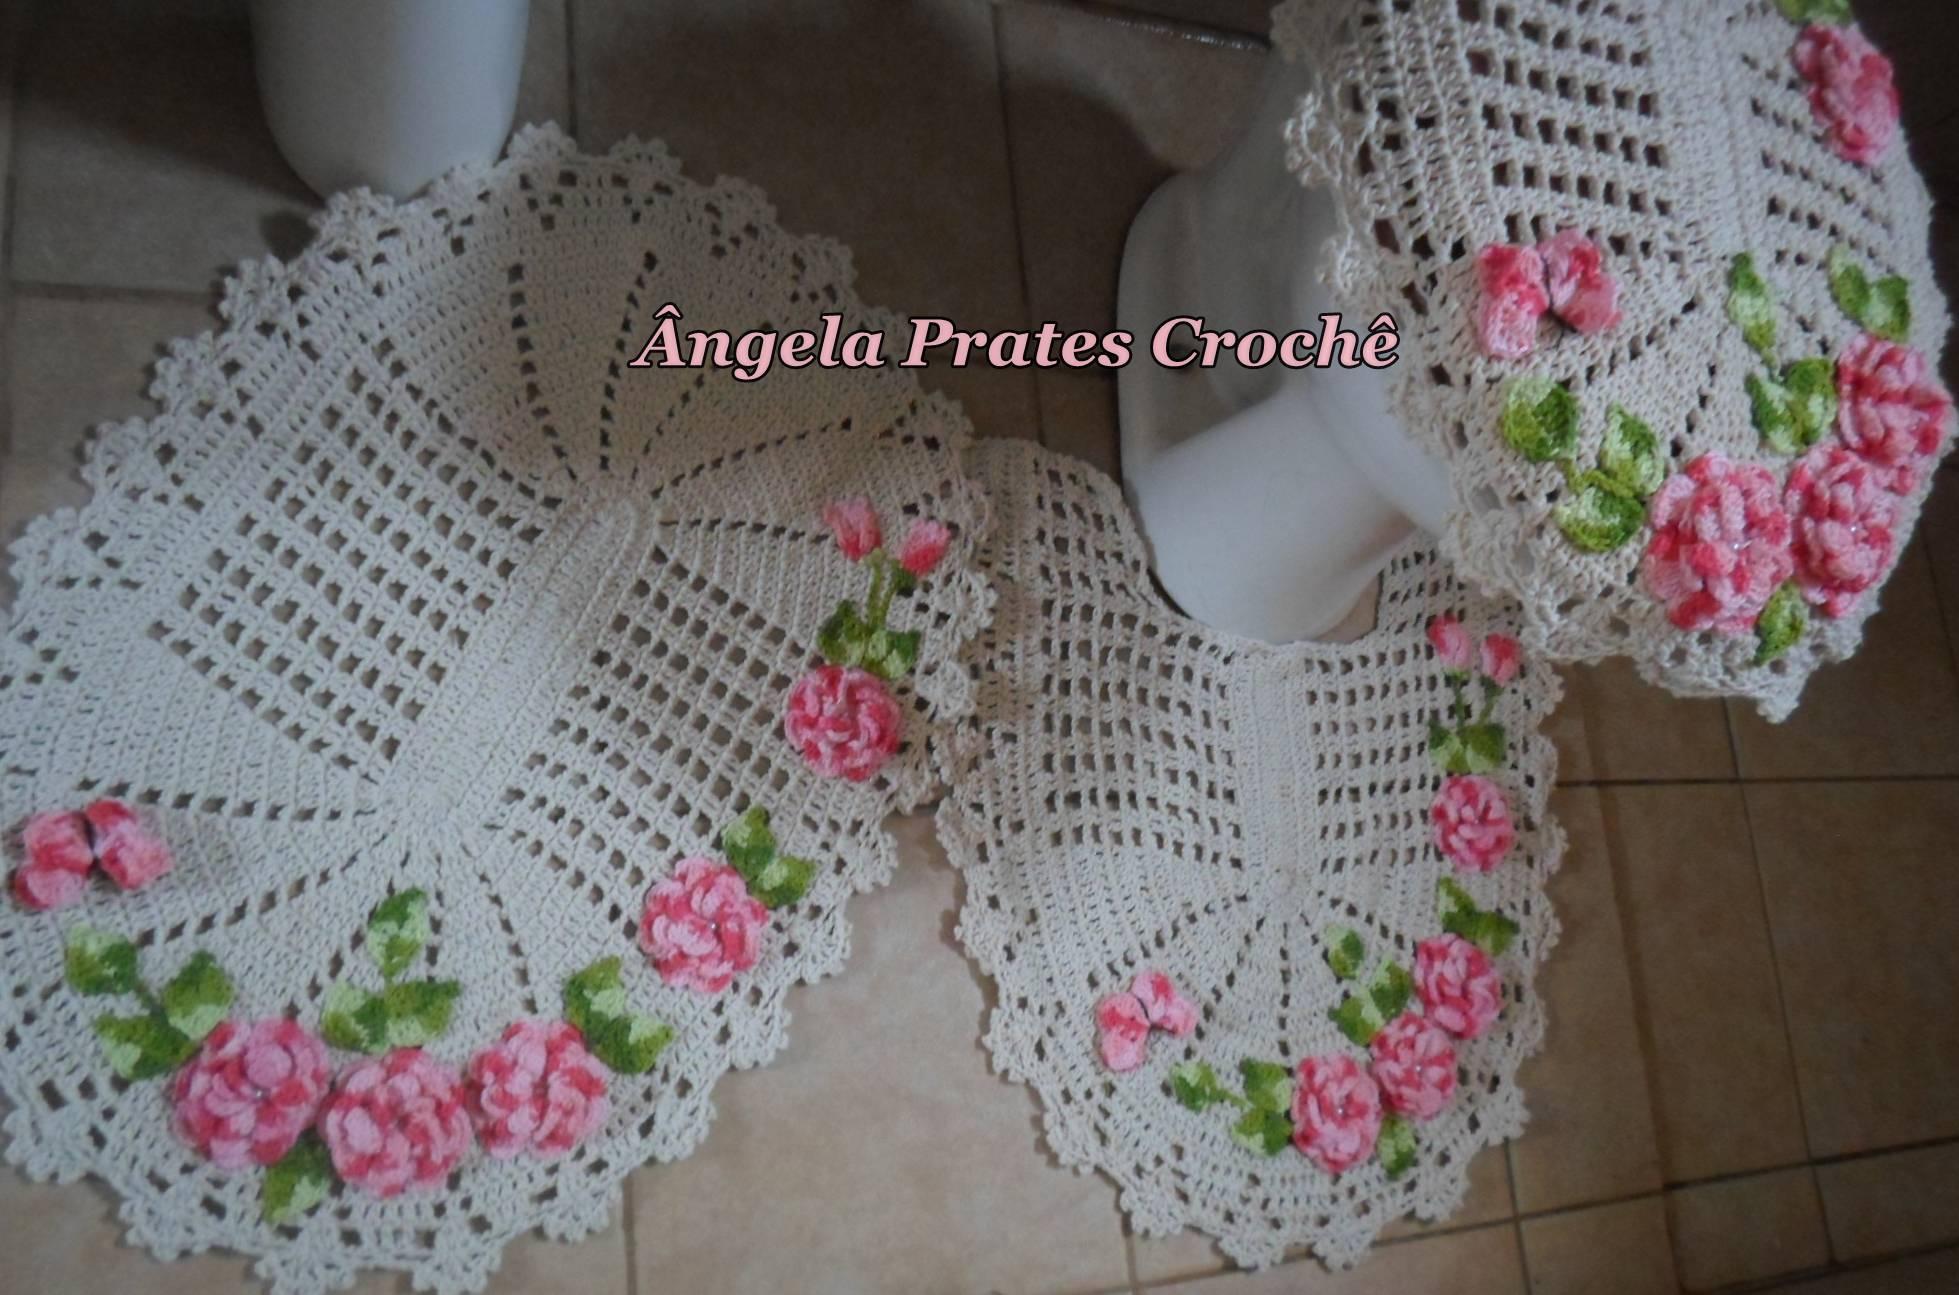 Jogo de banheiro flores rosas  Ângela Prates Crochê  Elo7 # Jogo De Banheiro Simples Oval Passo A Passo